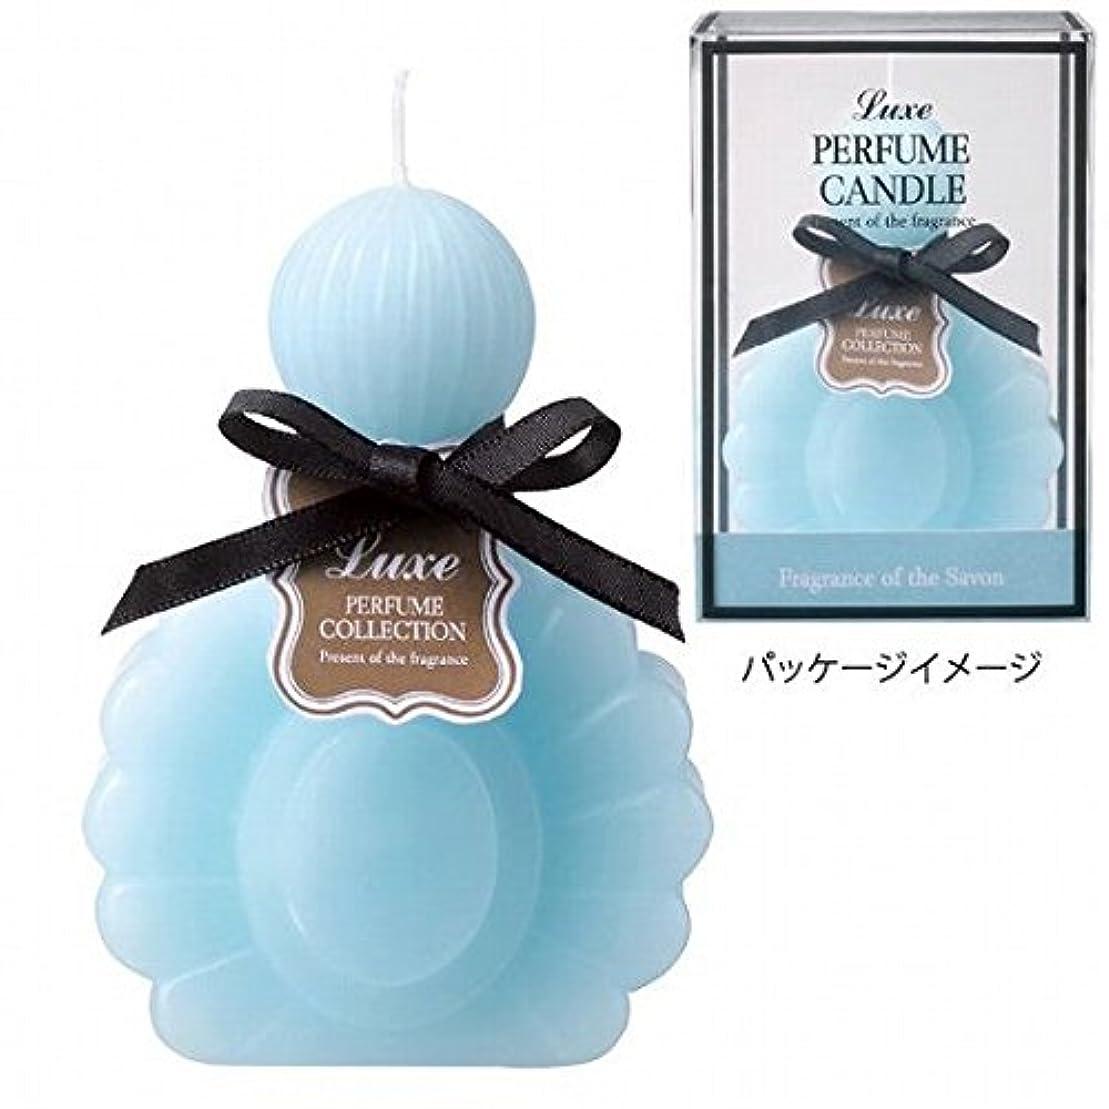 恐ろしい悪党システムkameyama candle(カメヤマキャンドル) パフュームキャンドル 「 サボン 」(A4550520)